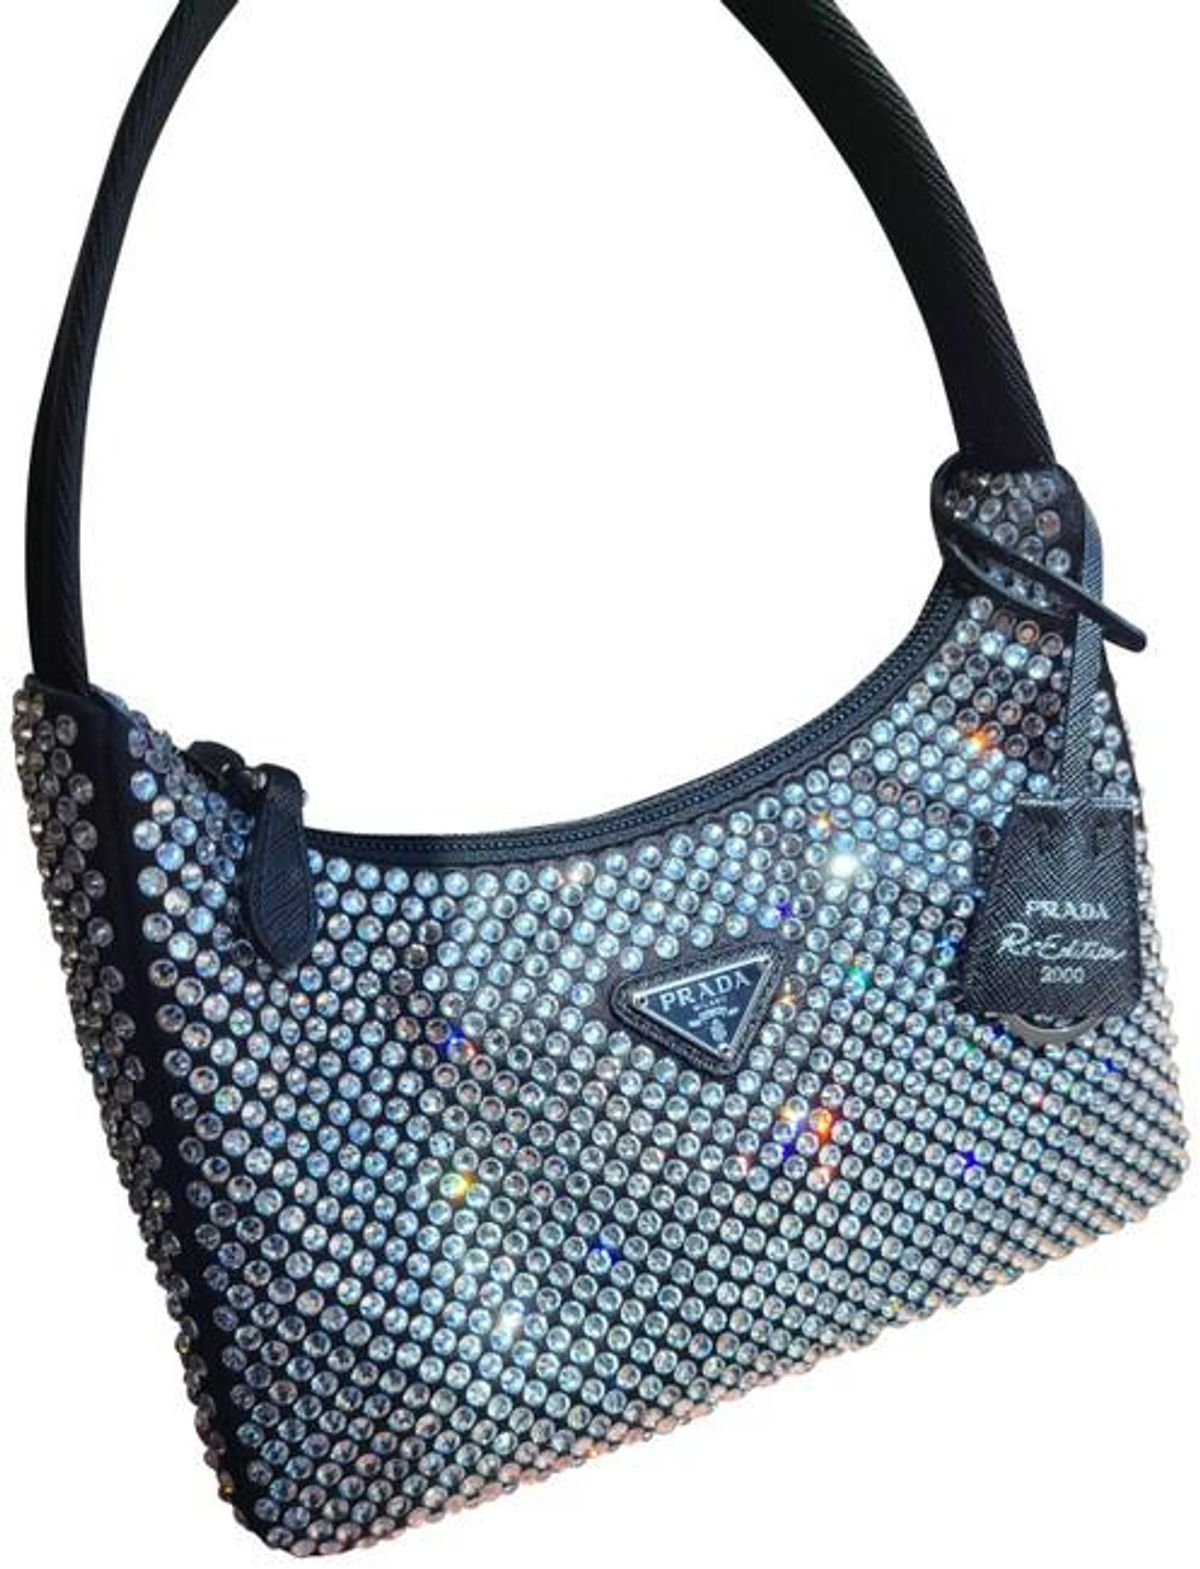 Crystal Re-Edition 2000 Black Satin Shoulder Bag